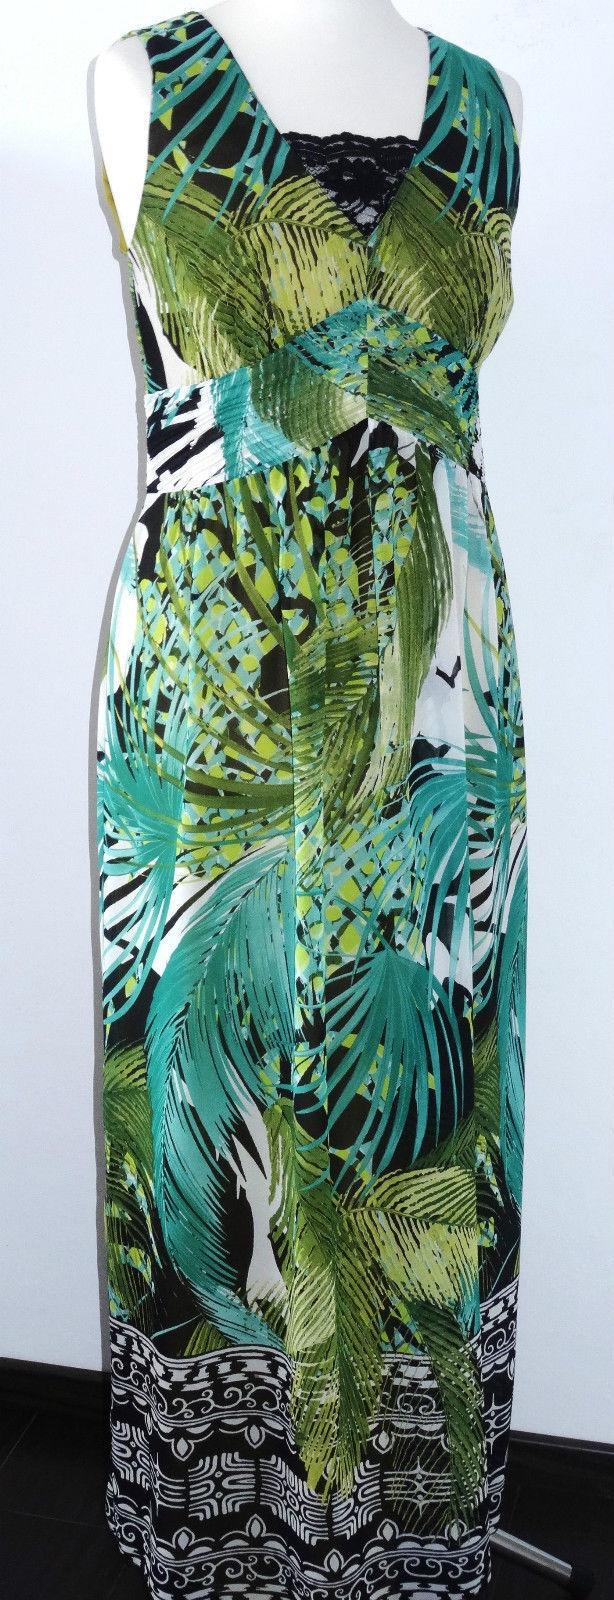 Gerry Weber Kleid Gr. 42 NEU OVP  Maxikleid Damenkleid Etuikleid Abendkleid